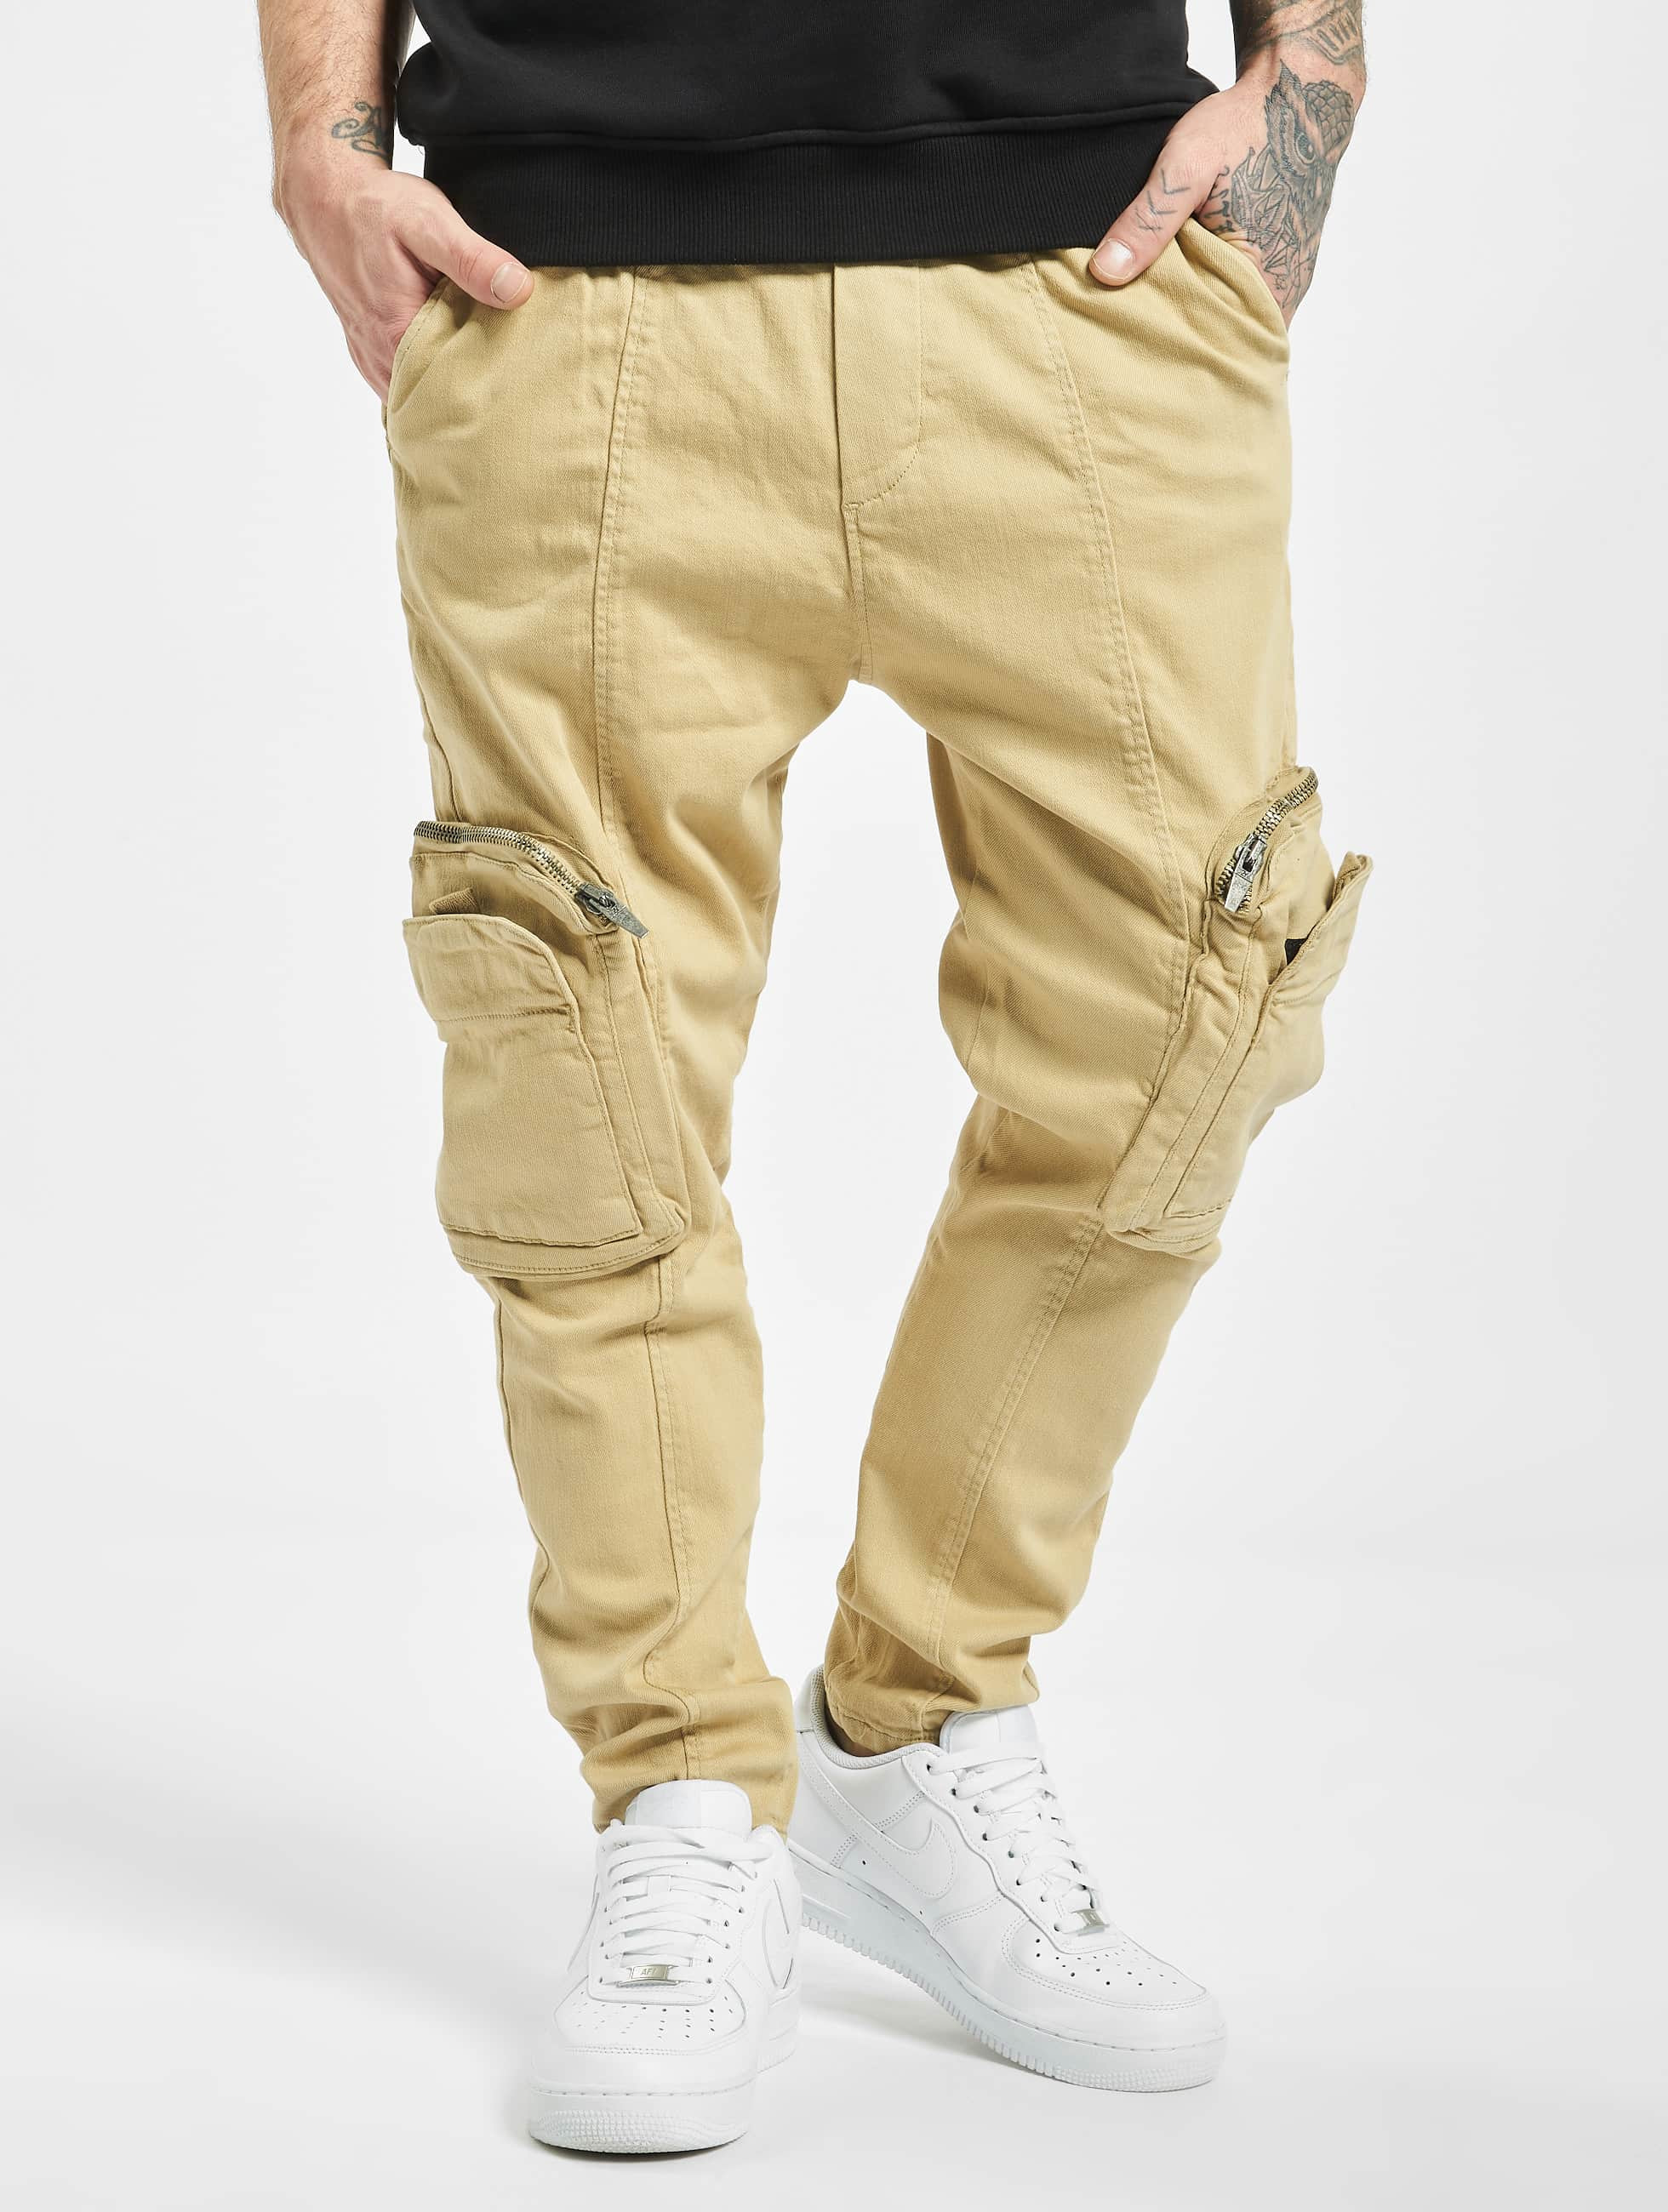 2Y / Slim Fit Jeans Metin in beige W 31